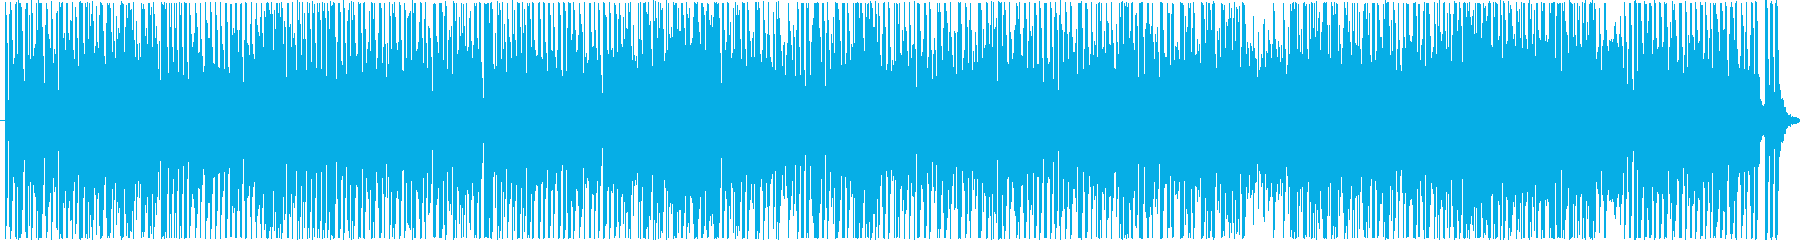 タランテラヒップホップ。伝統と現代。の再生済みの波形